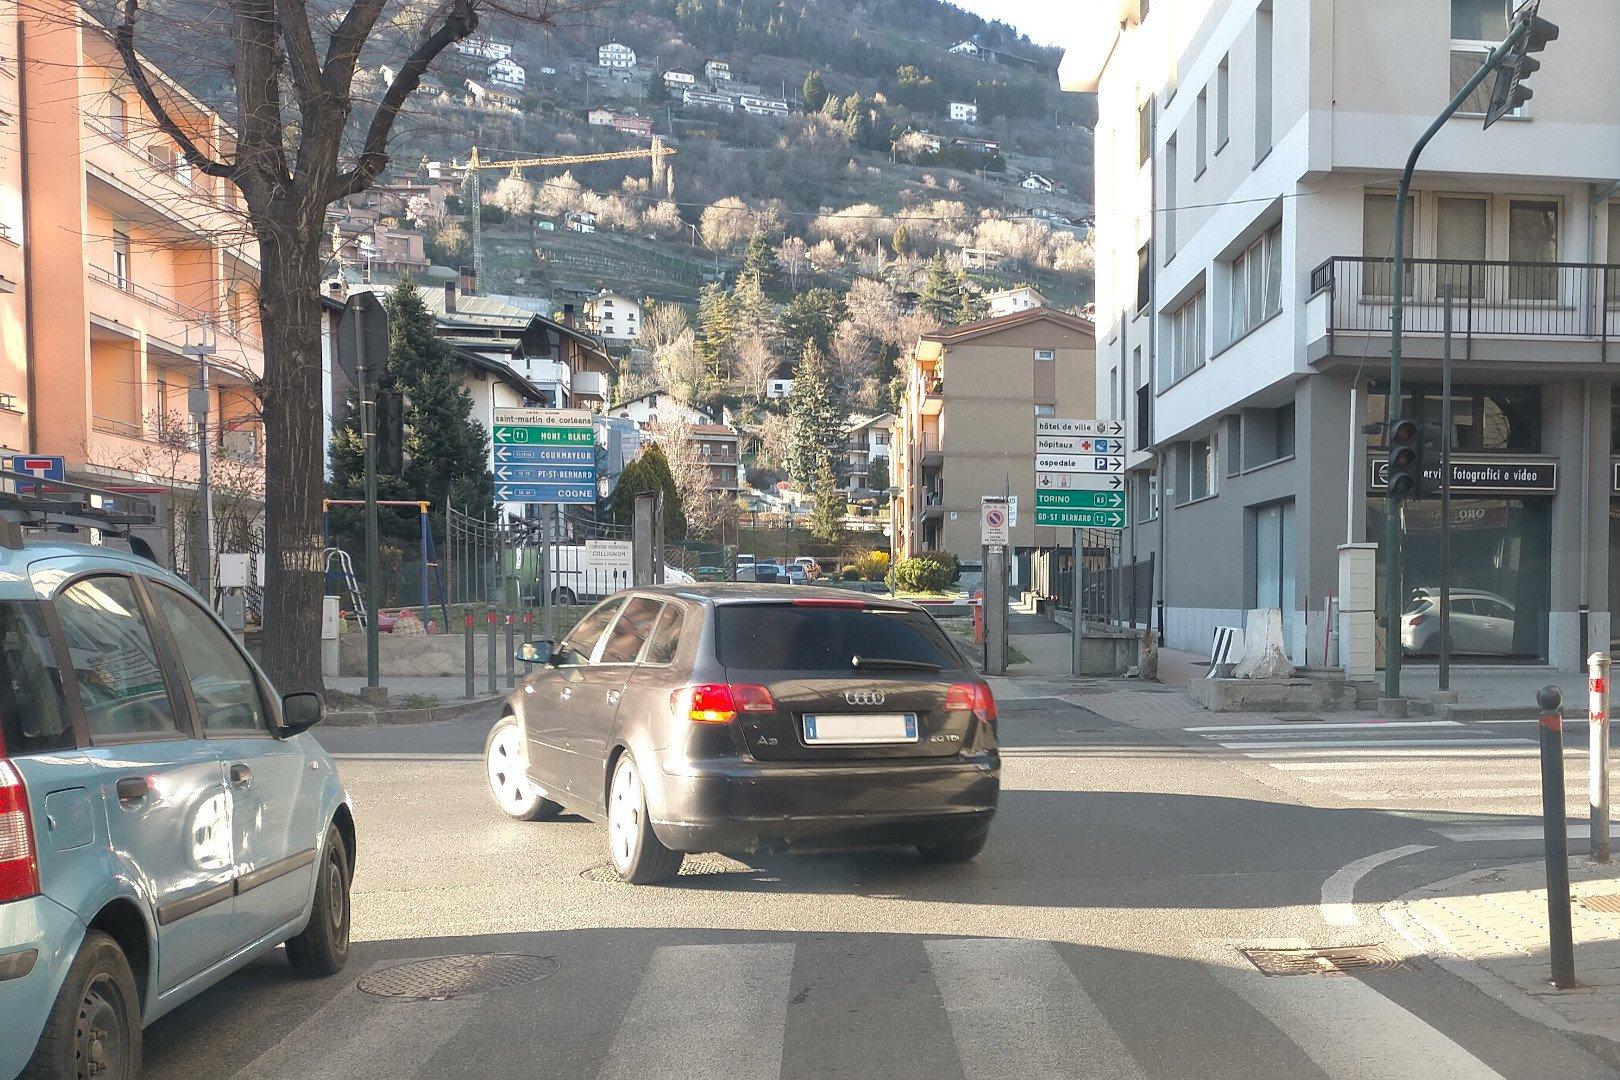 Ad Aosta il guasto al semaforo che migliora il traffico: in corso St-Martin l'incrocio con via Monte Solarolo è più sicuro e fluido